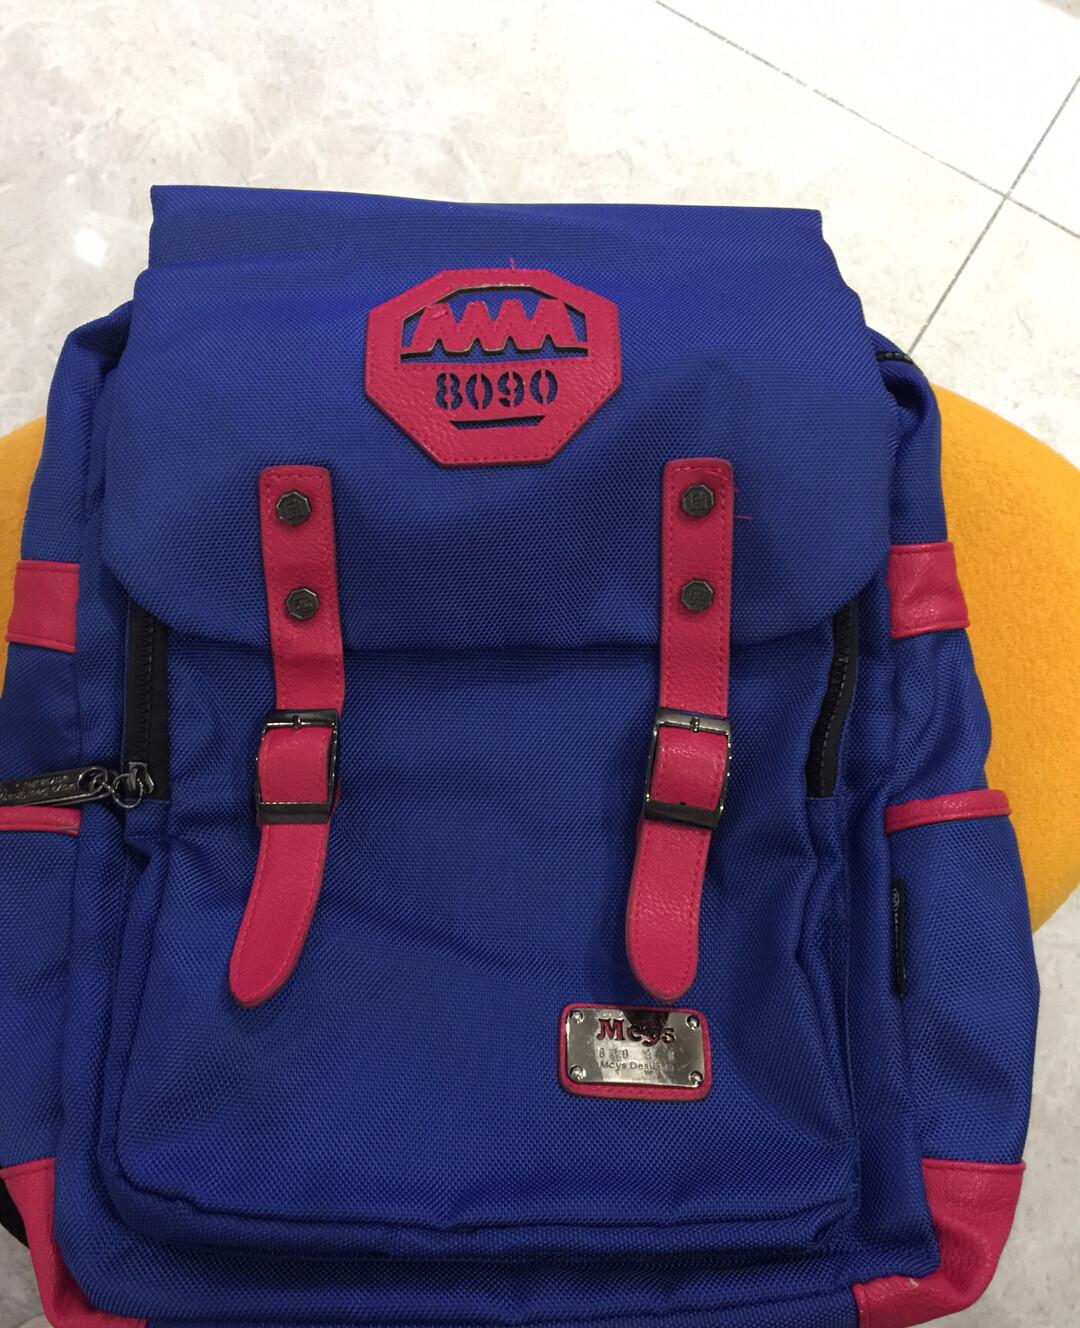 木村耀司双肩背包 电脑包 旅行包 运动包 八成新 低价转让